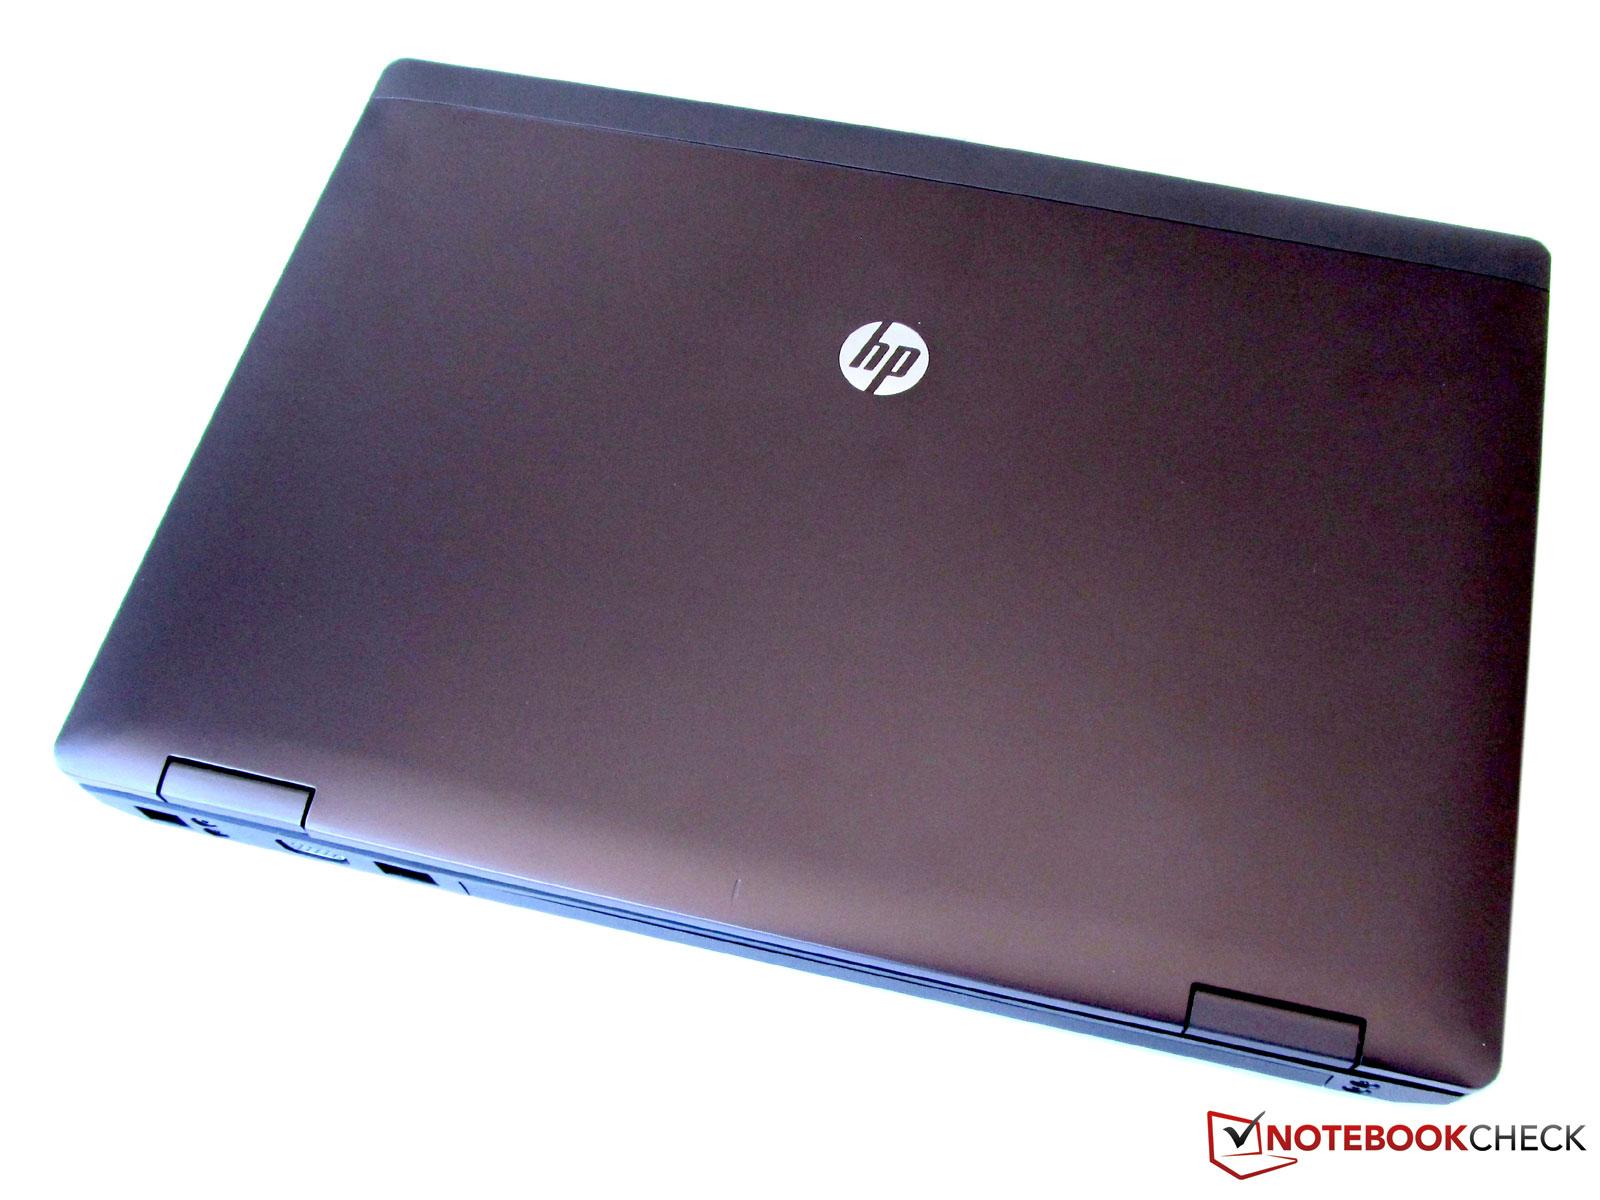 لپ تاپ استوک hp 6460 i5 کارکرده اروپایی